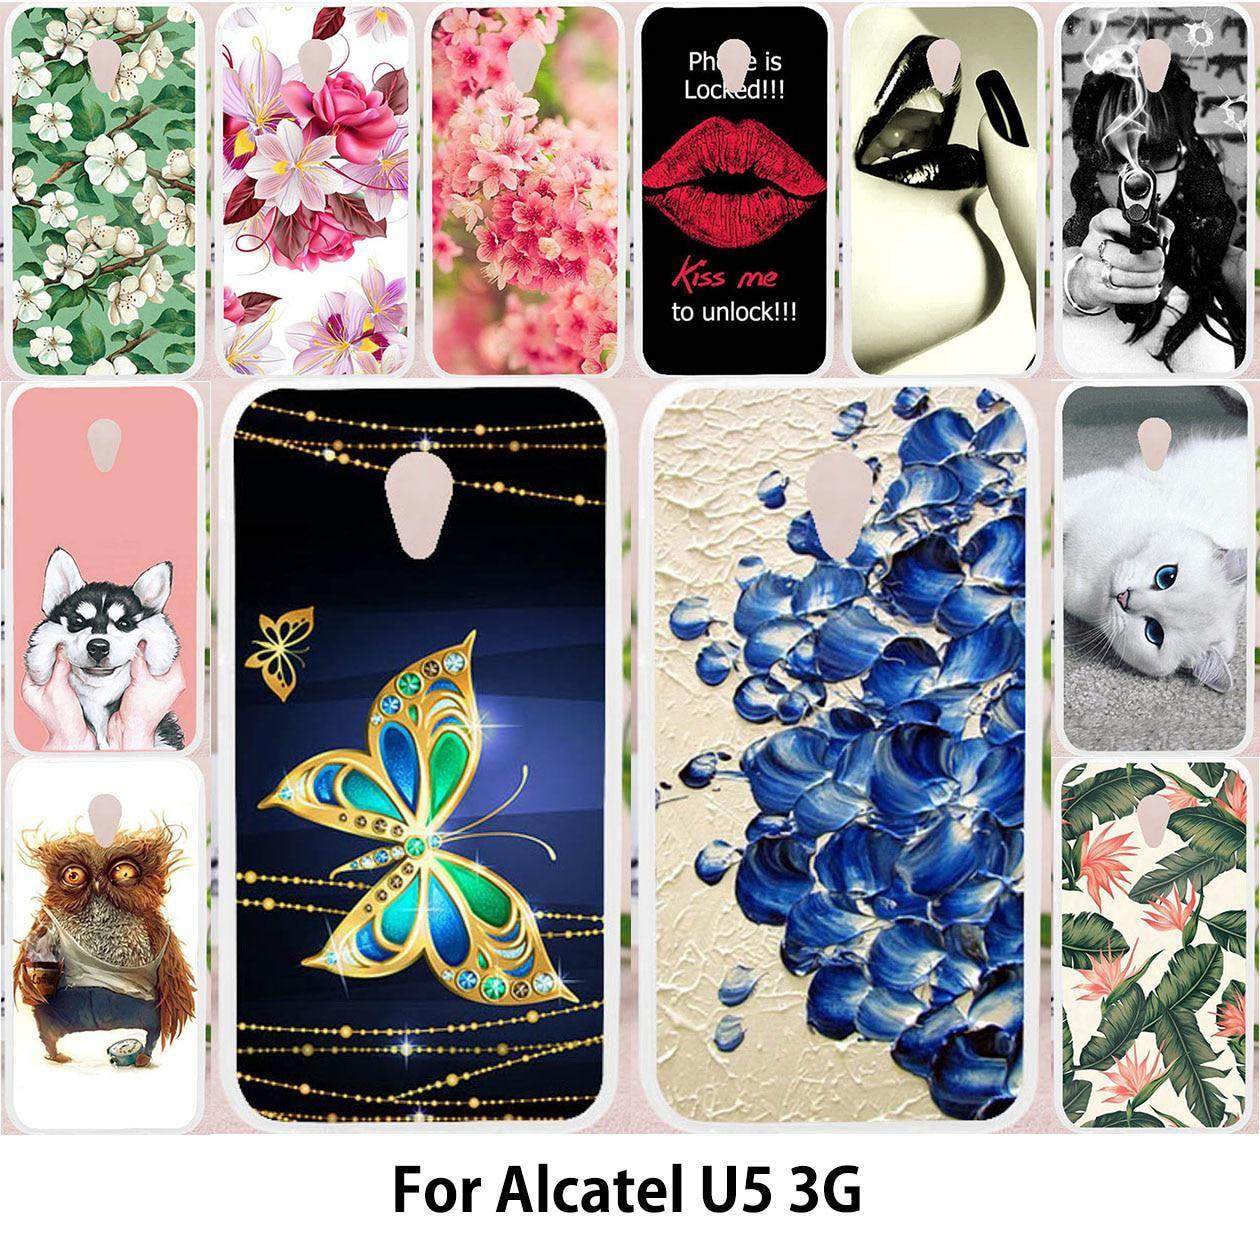 half off 069c2 584bc TAOYUNXI For Alcatel U5 3G Case For Alcatel U5 3G 4047D 4047 4047Y ...